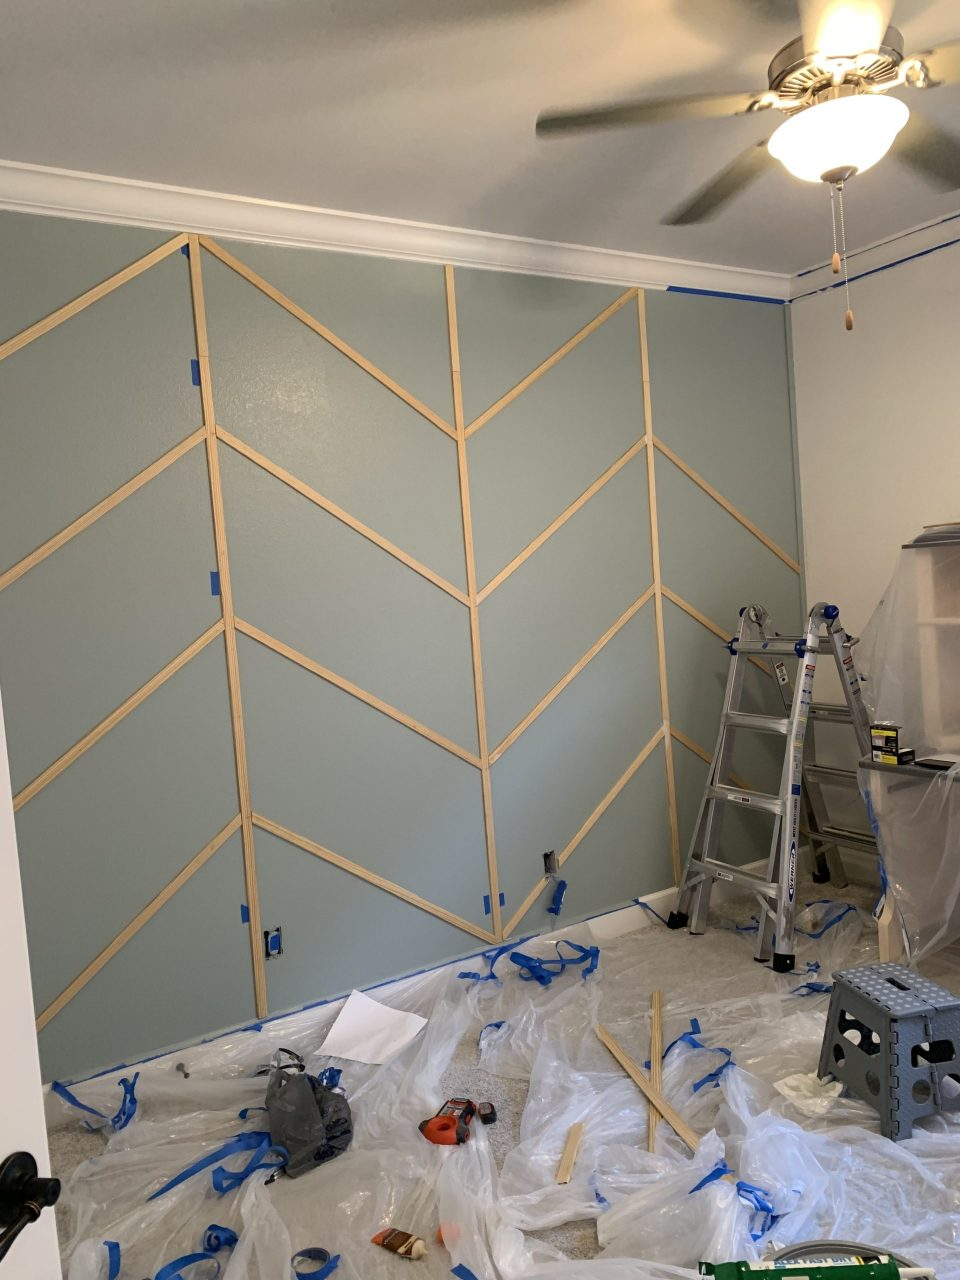 IMG 7815 scaled - DIY Herringbone Wall